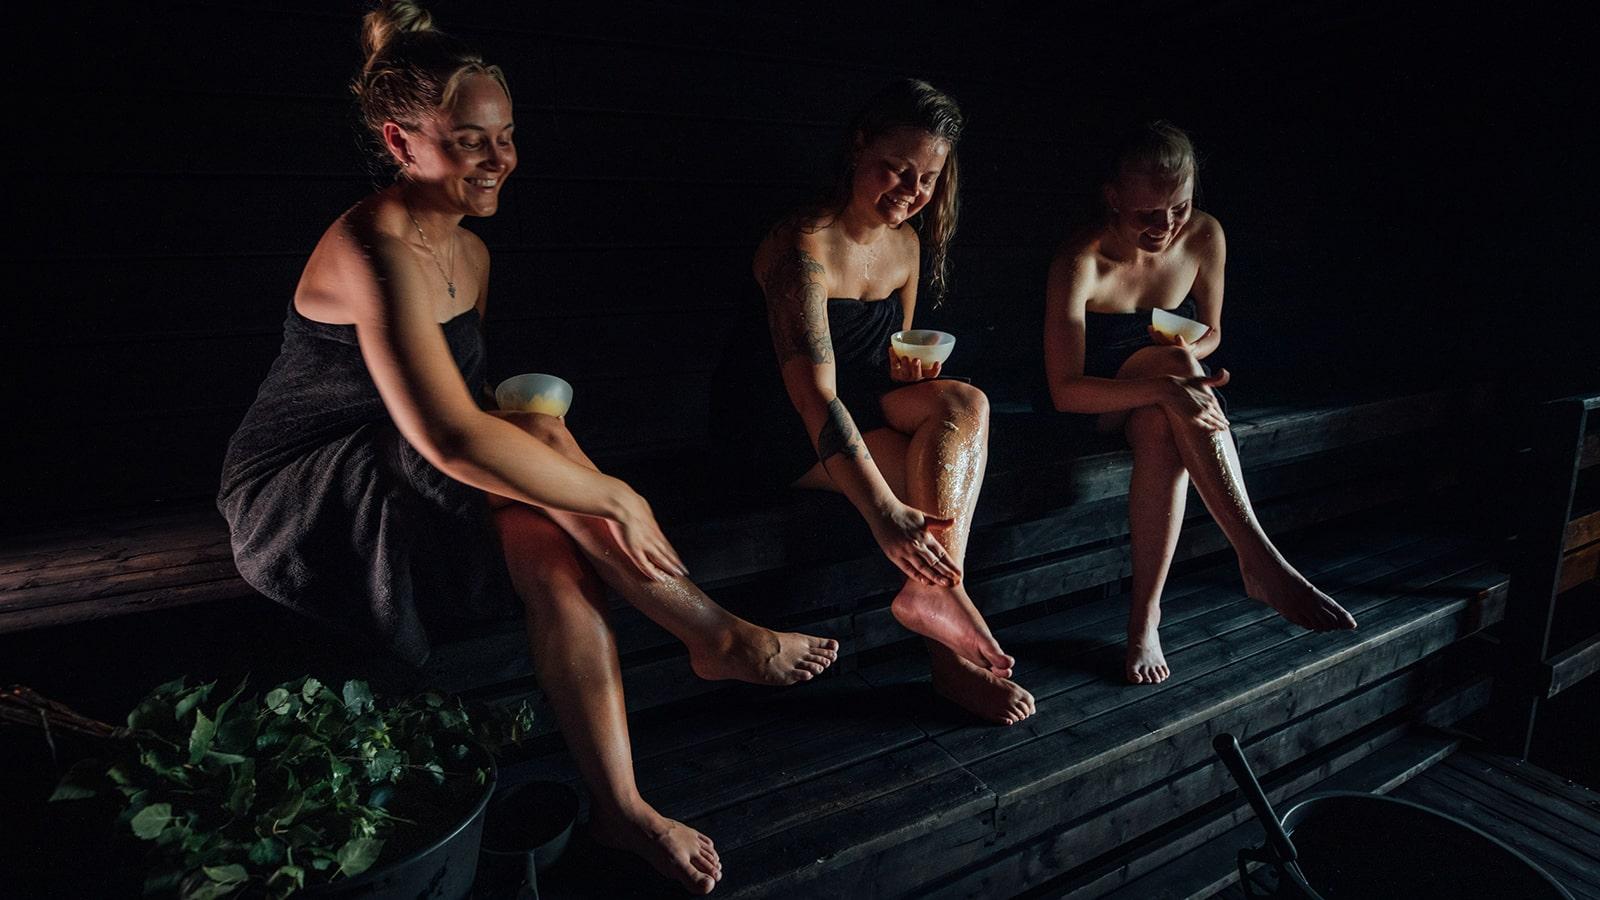 Drei Personen beim Saunabaden in der Rauchsauna von Varjola.